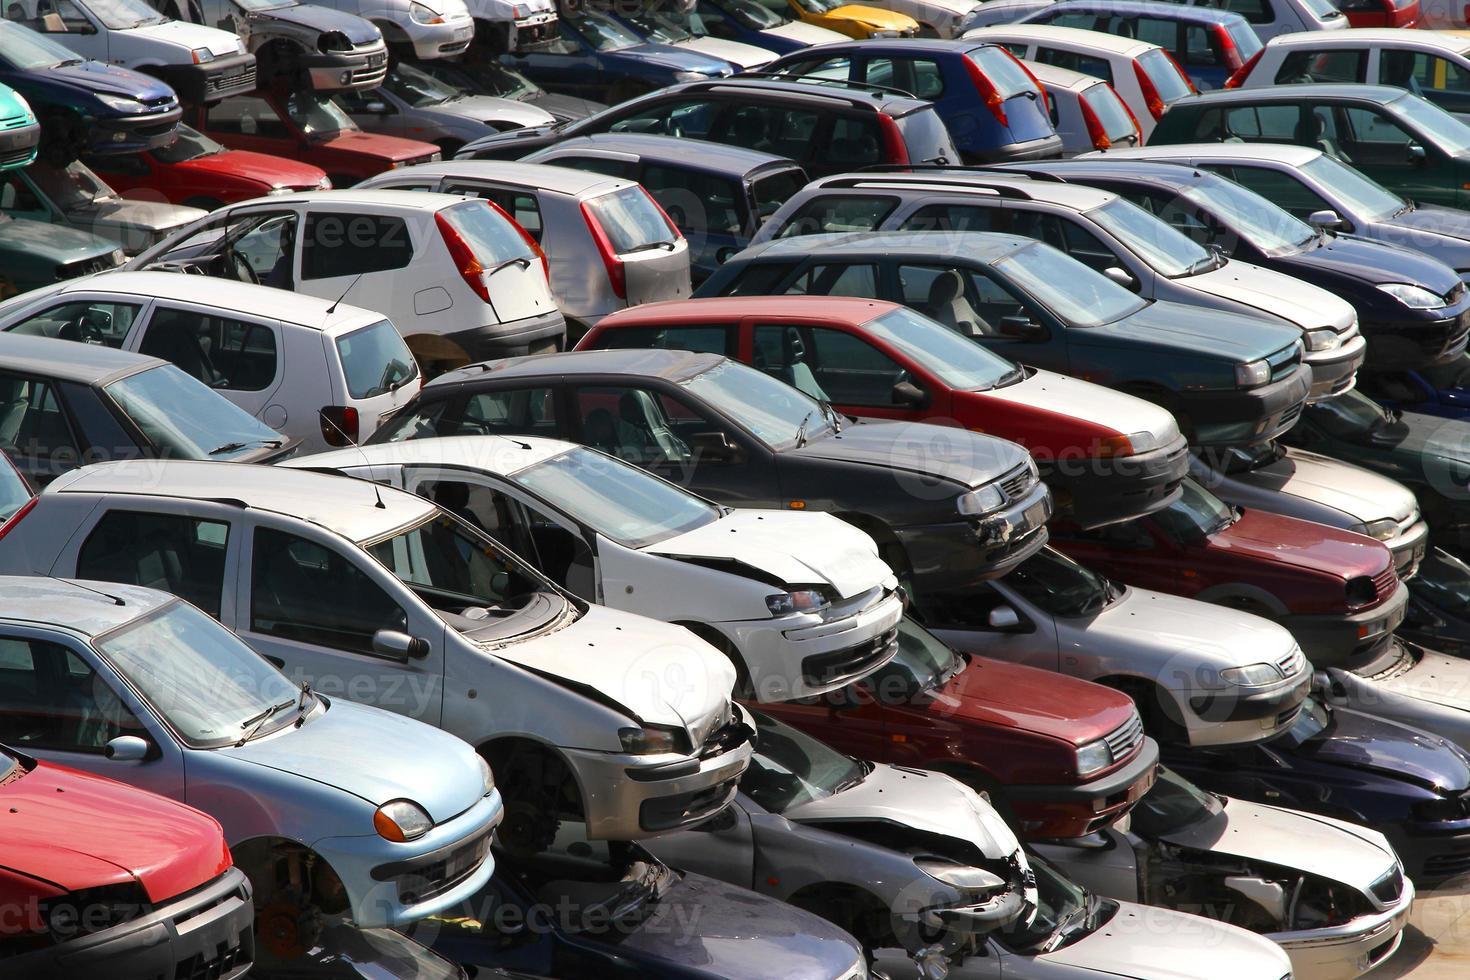 coches destruidos en el taller de demolición de coches foto